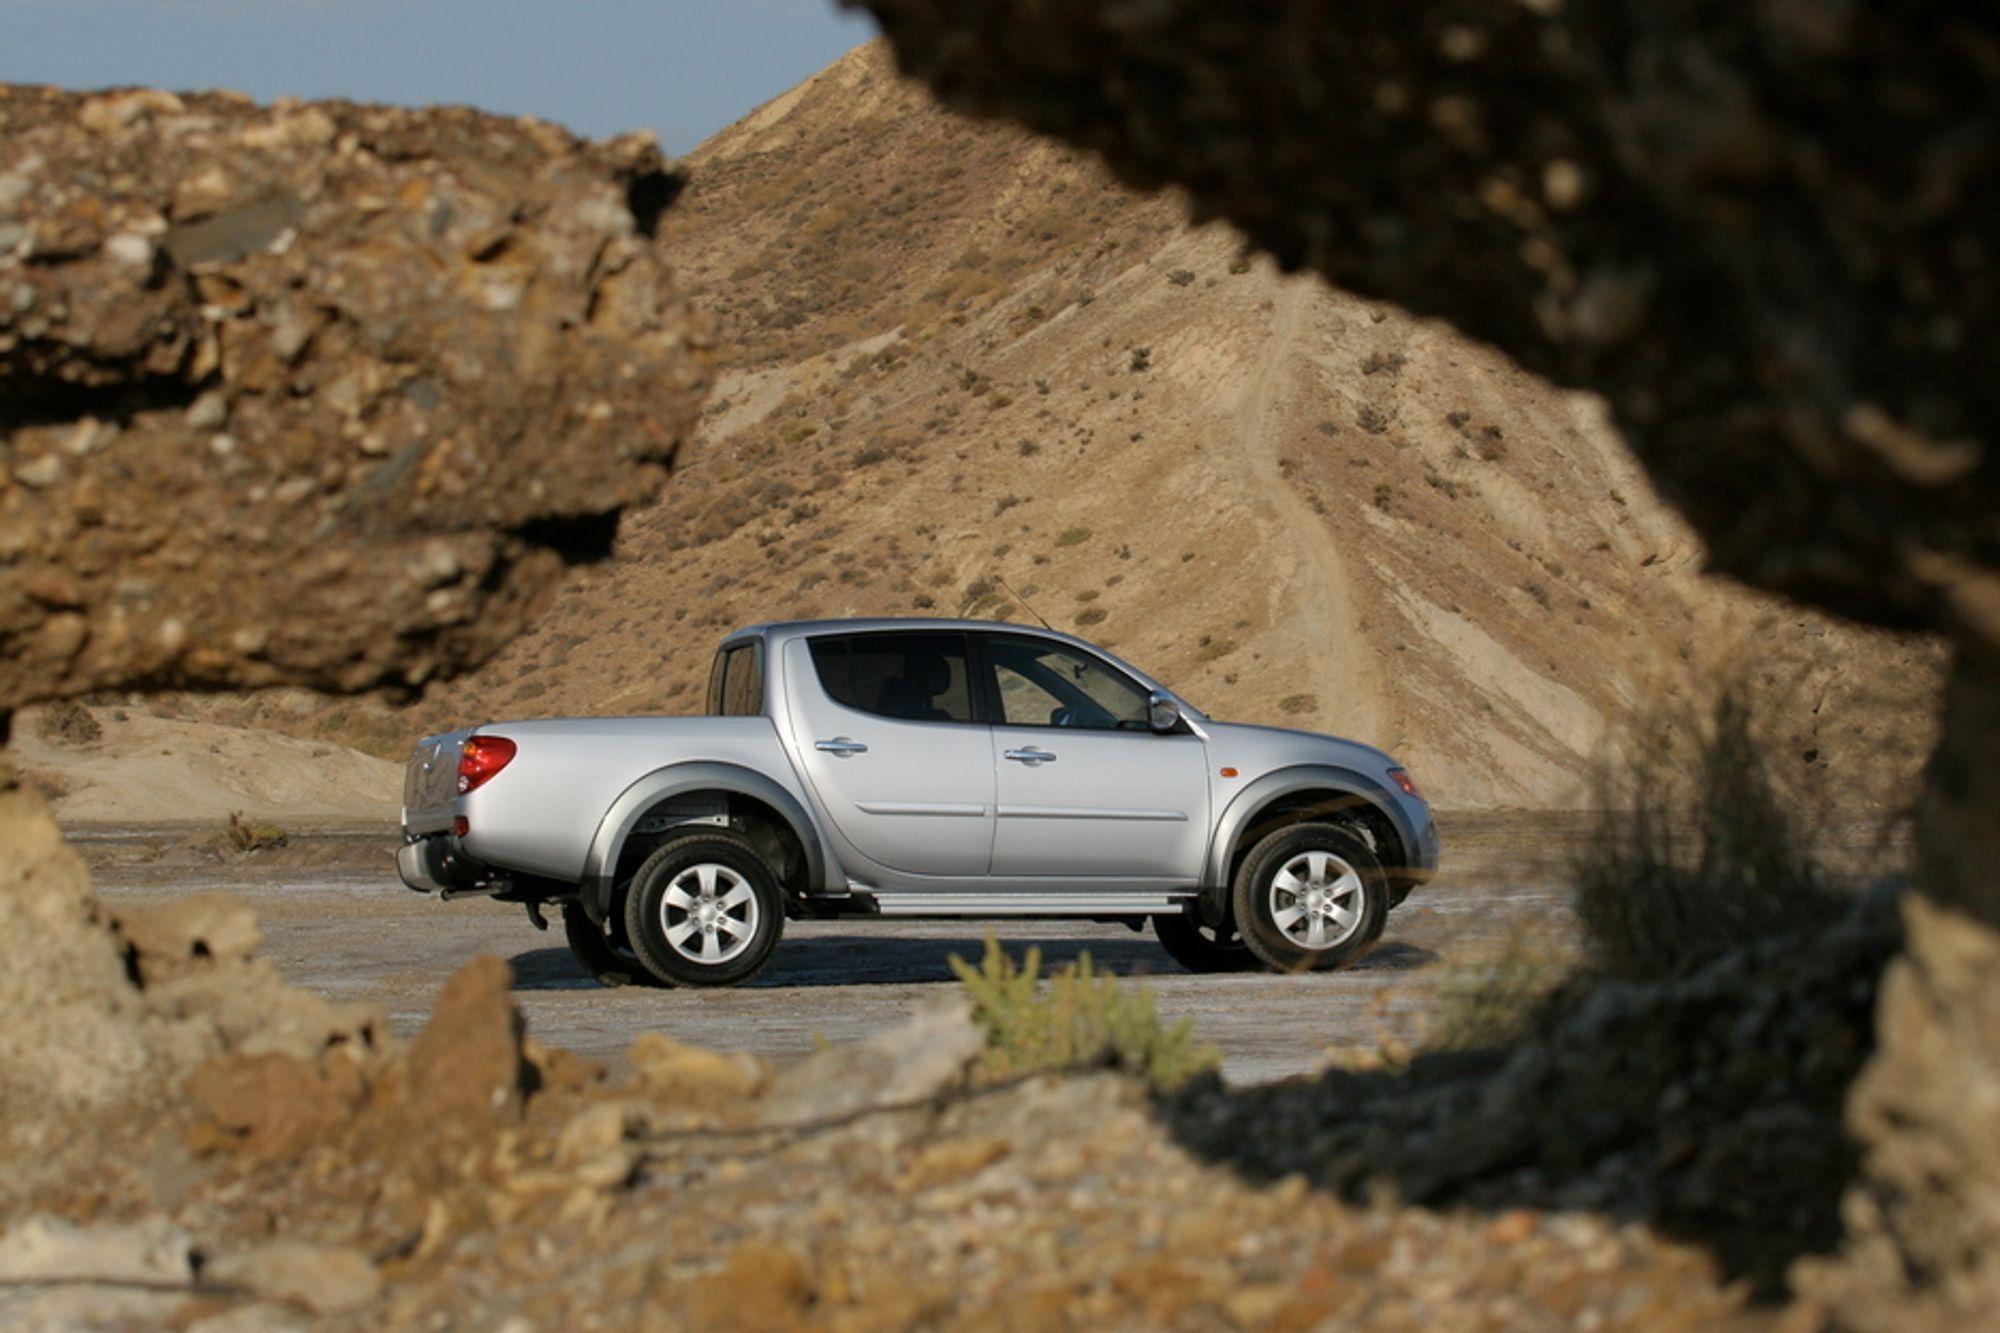 TIL HVA?: Nye Mitsubishi L200 4WD har lavserie girkasse, høy bakkeklaring og en robust turbodiesel. Men nytteverdien med et så kort ultrakort lasteplan må man kunne diskutere. Flott design, imidlertid. Kanskje vi skulle døpe den til L200 Hillbilly?